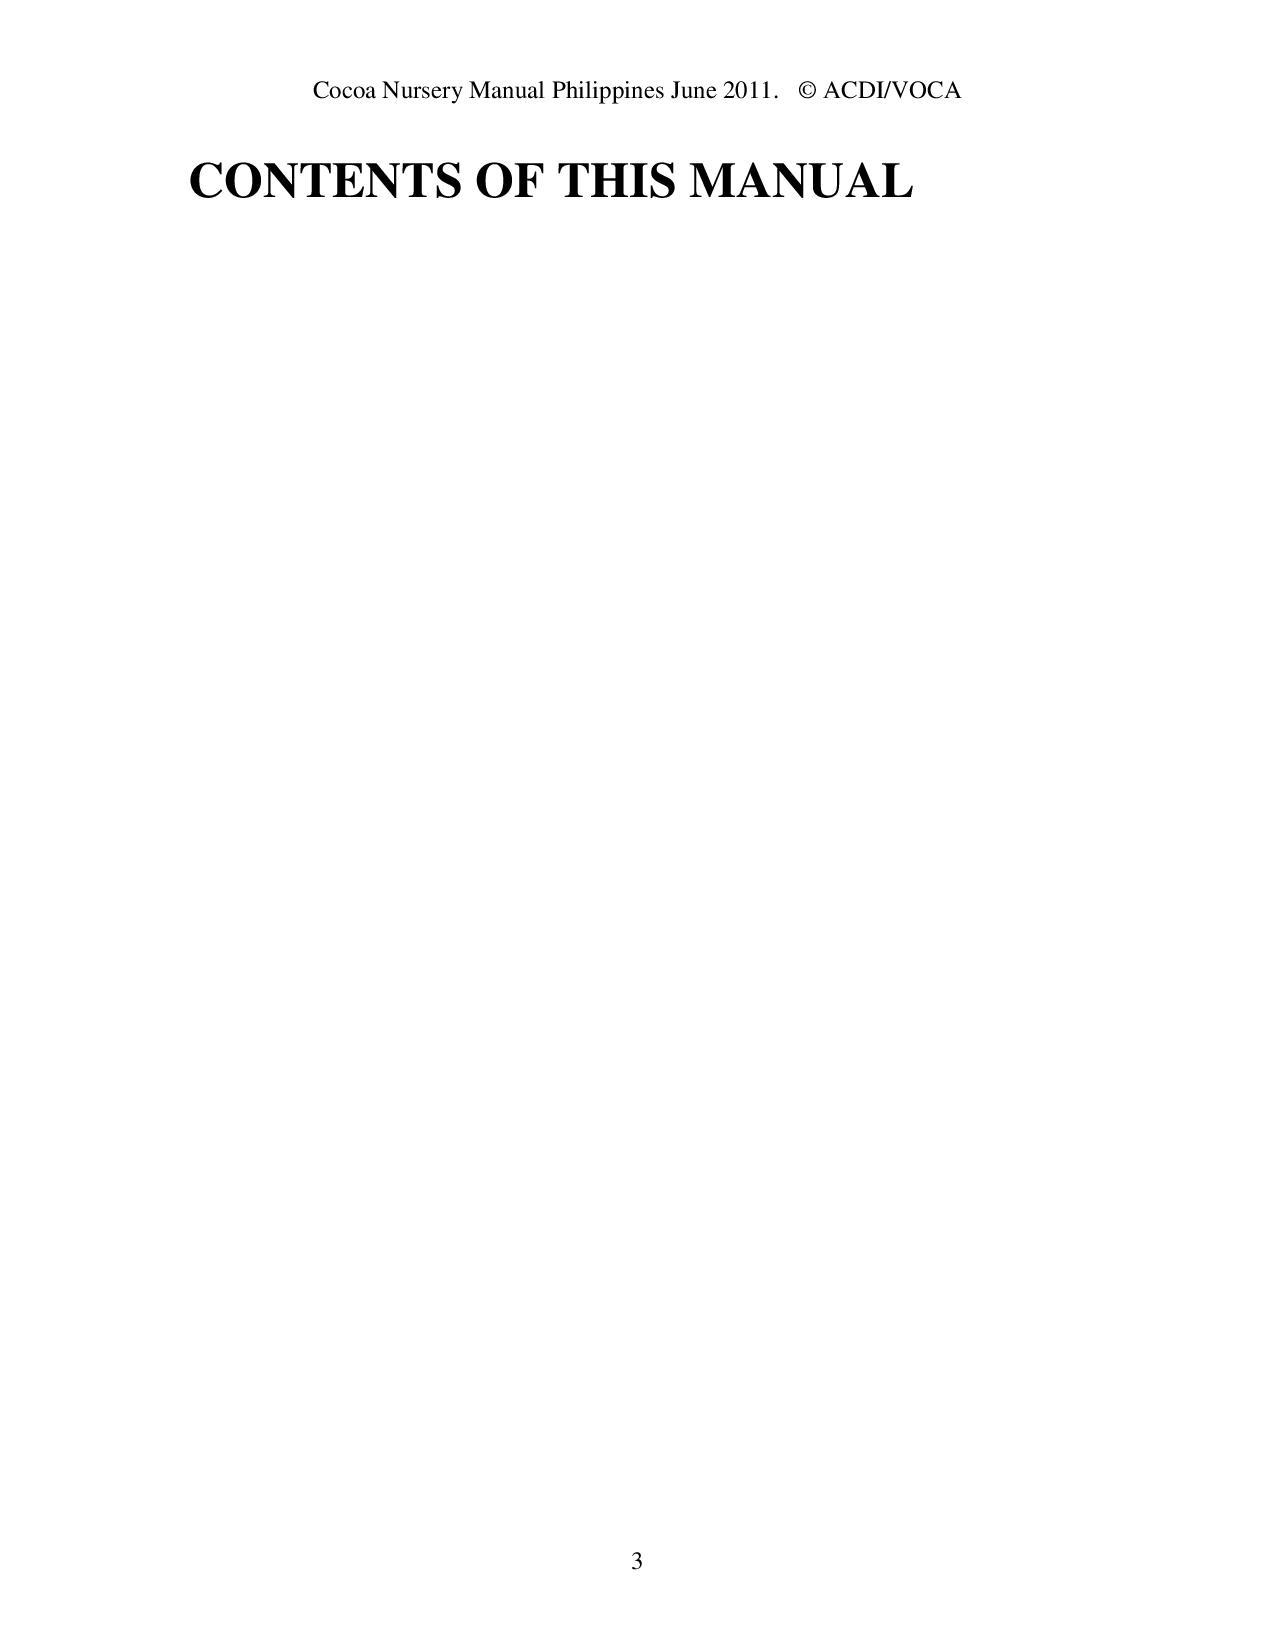 Cocoa-Nursery-Manual-2011_acdi-voca-page-003